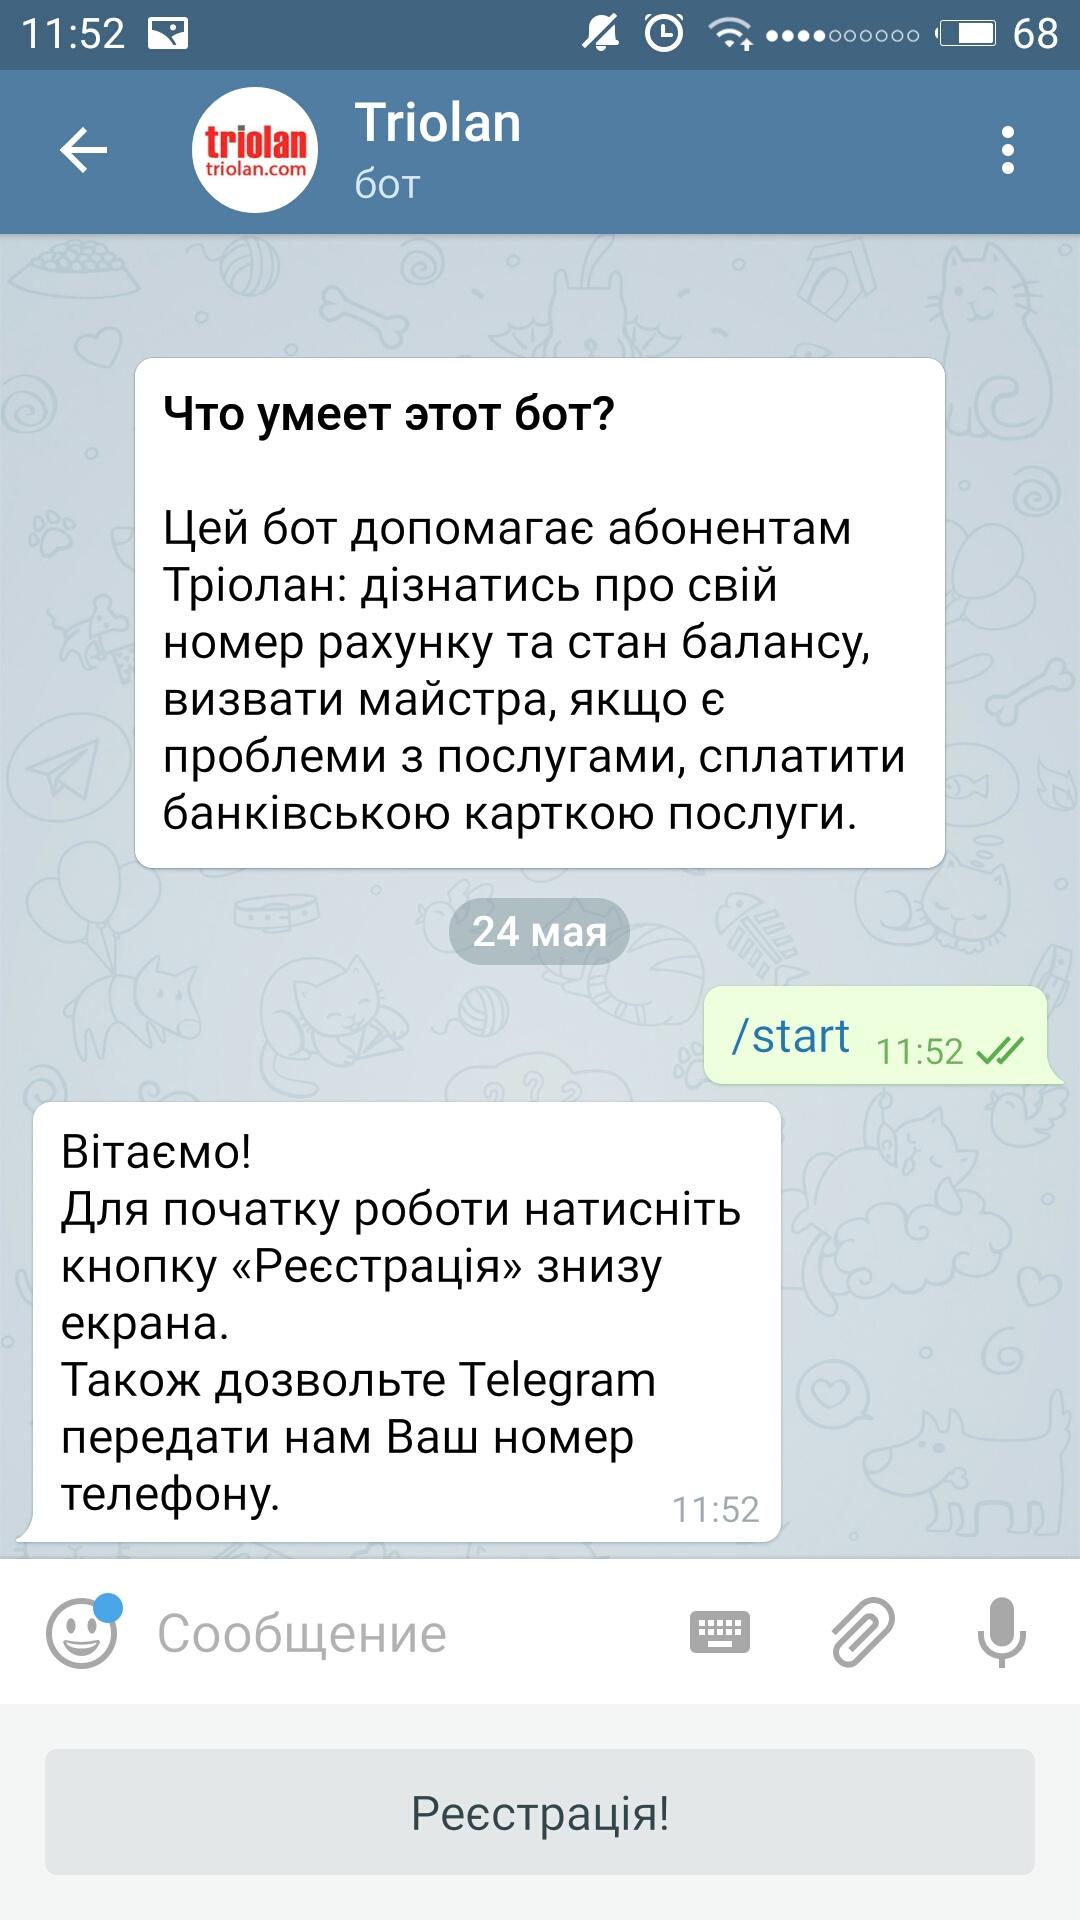 Телеграм бот Триолан